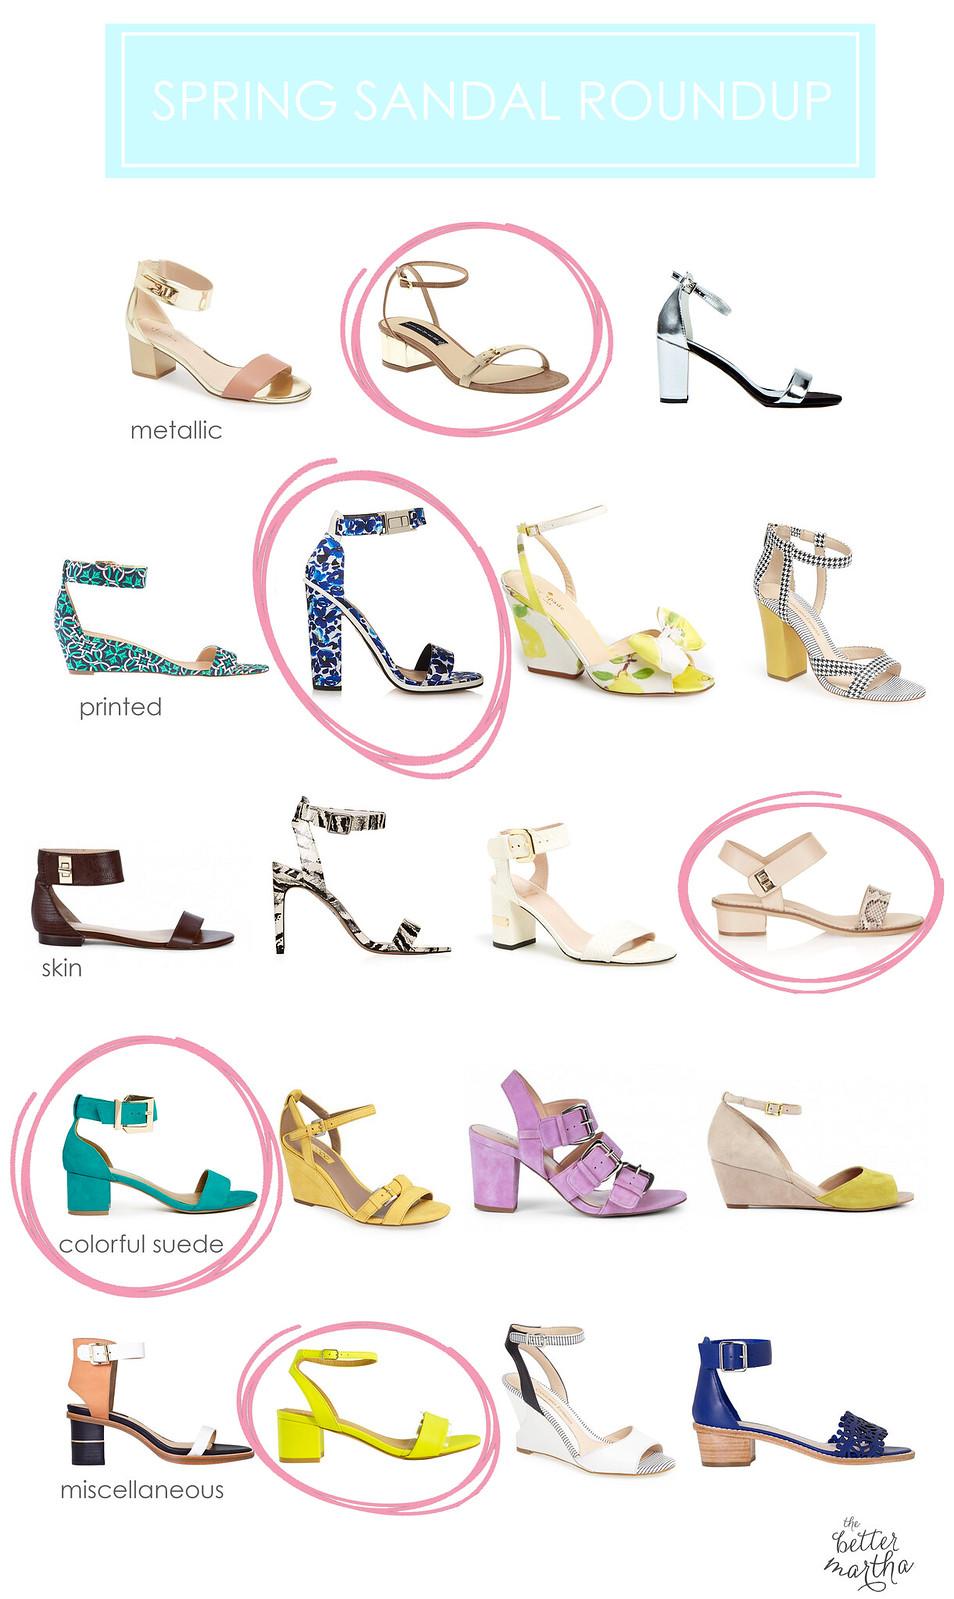 Spring Sandal Roundup